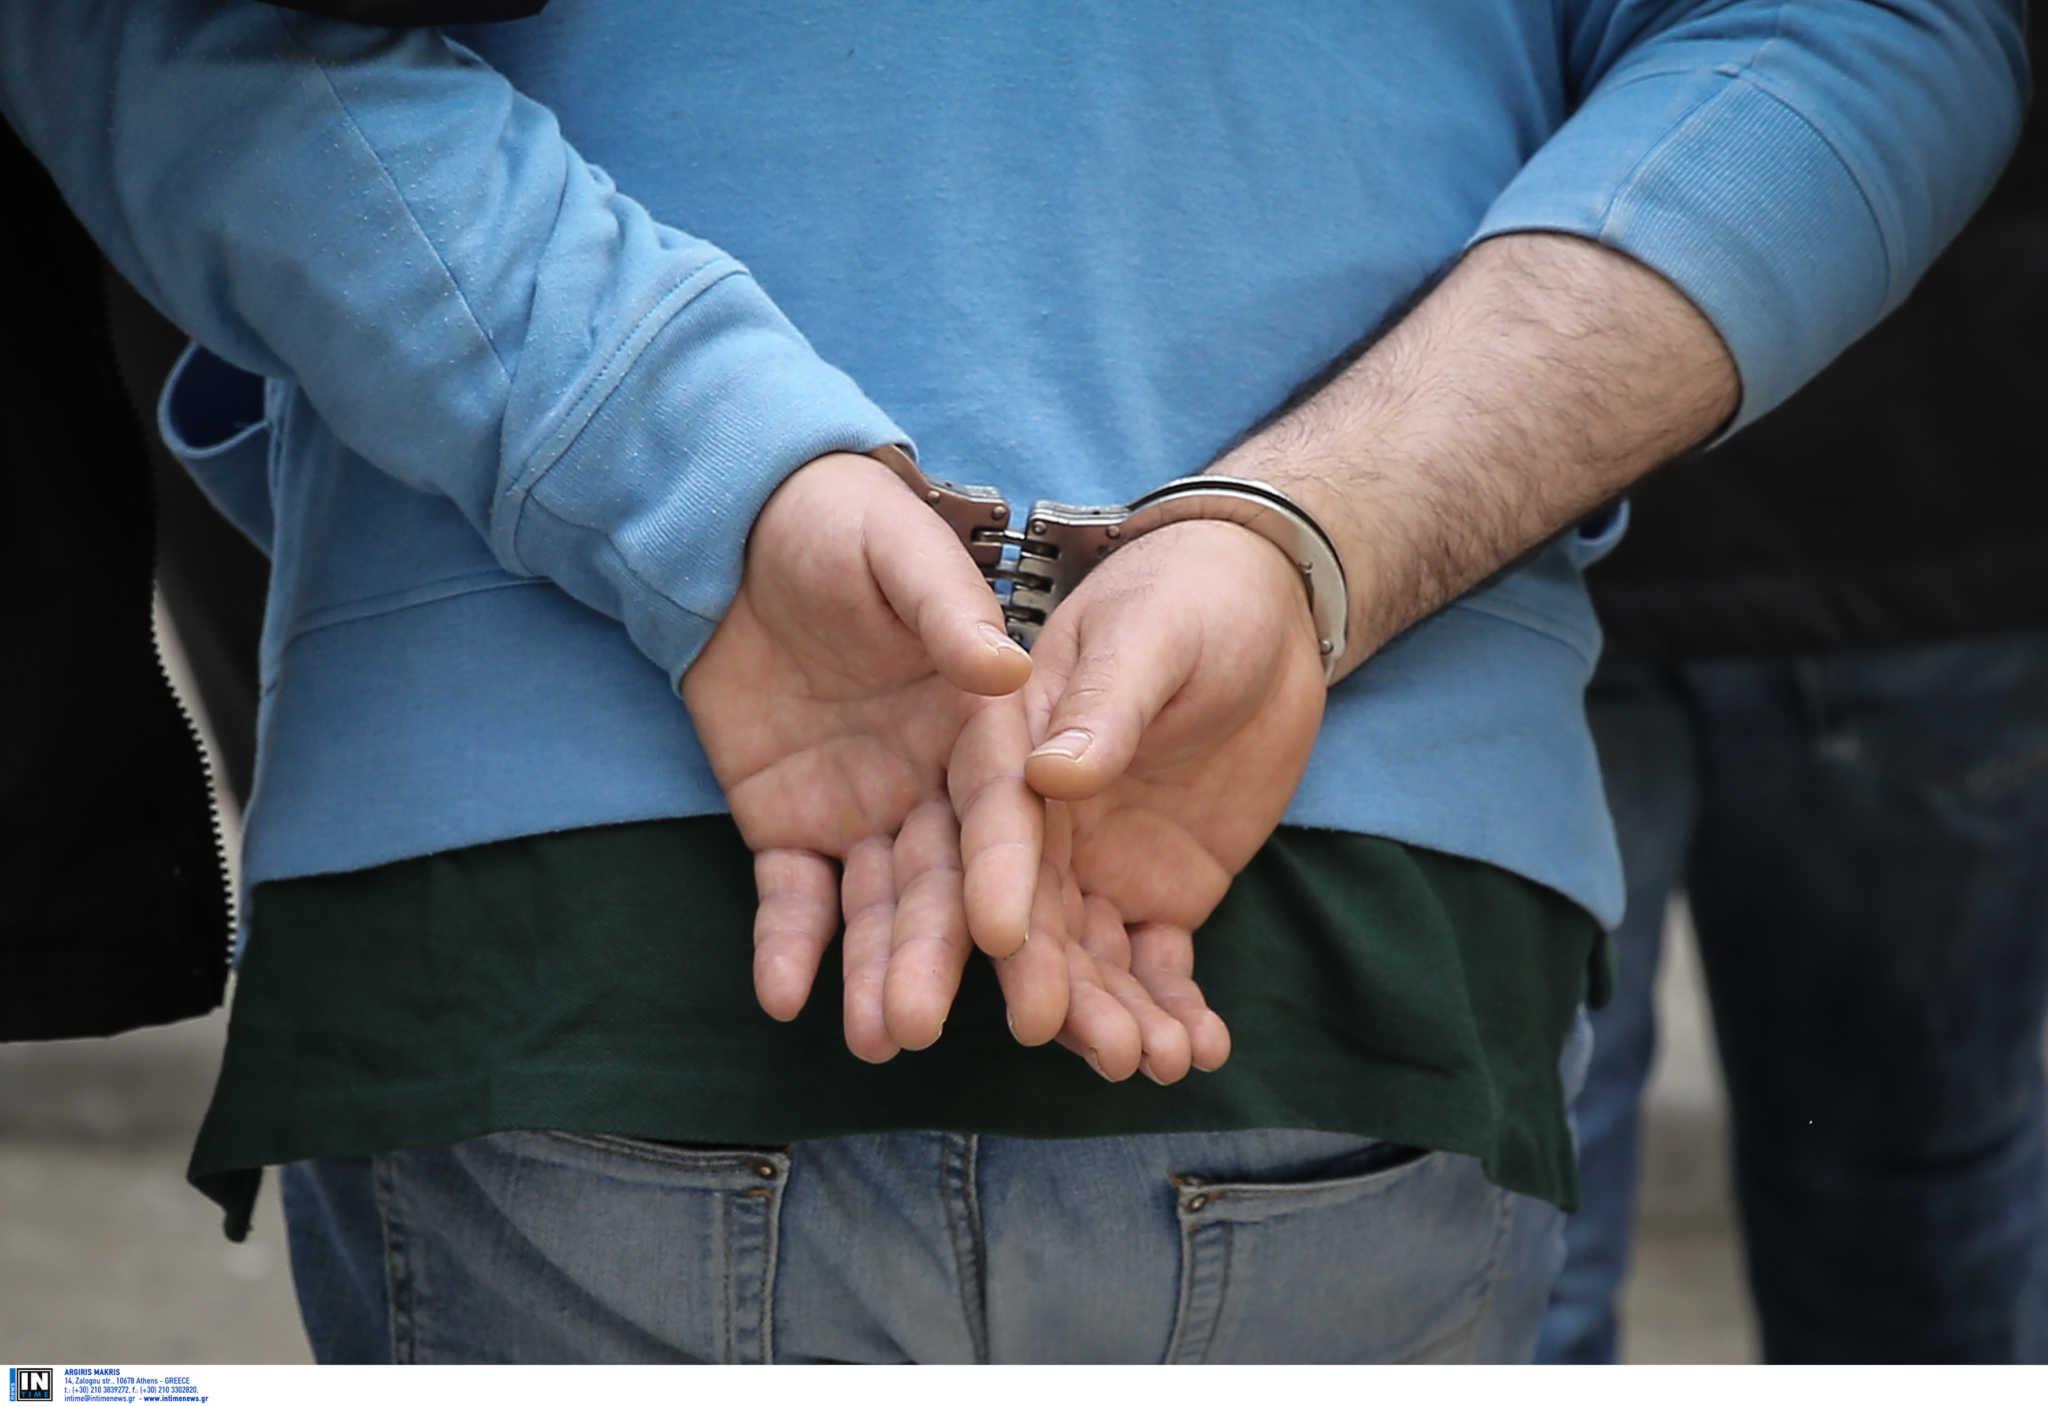 Εύβοια: Στον ανακριτή για τη δολοφονία του σχεδιαστή Νίκου Τσακανίκα – Αναβιώνει το στυγερό έγκλημα